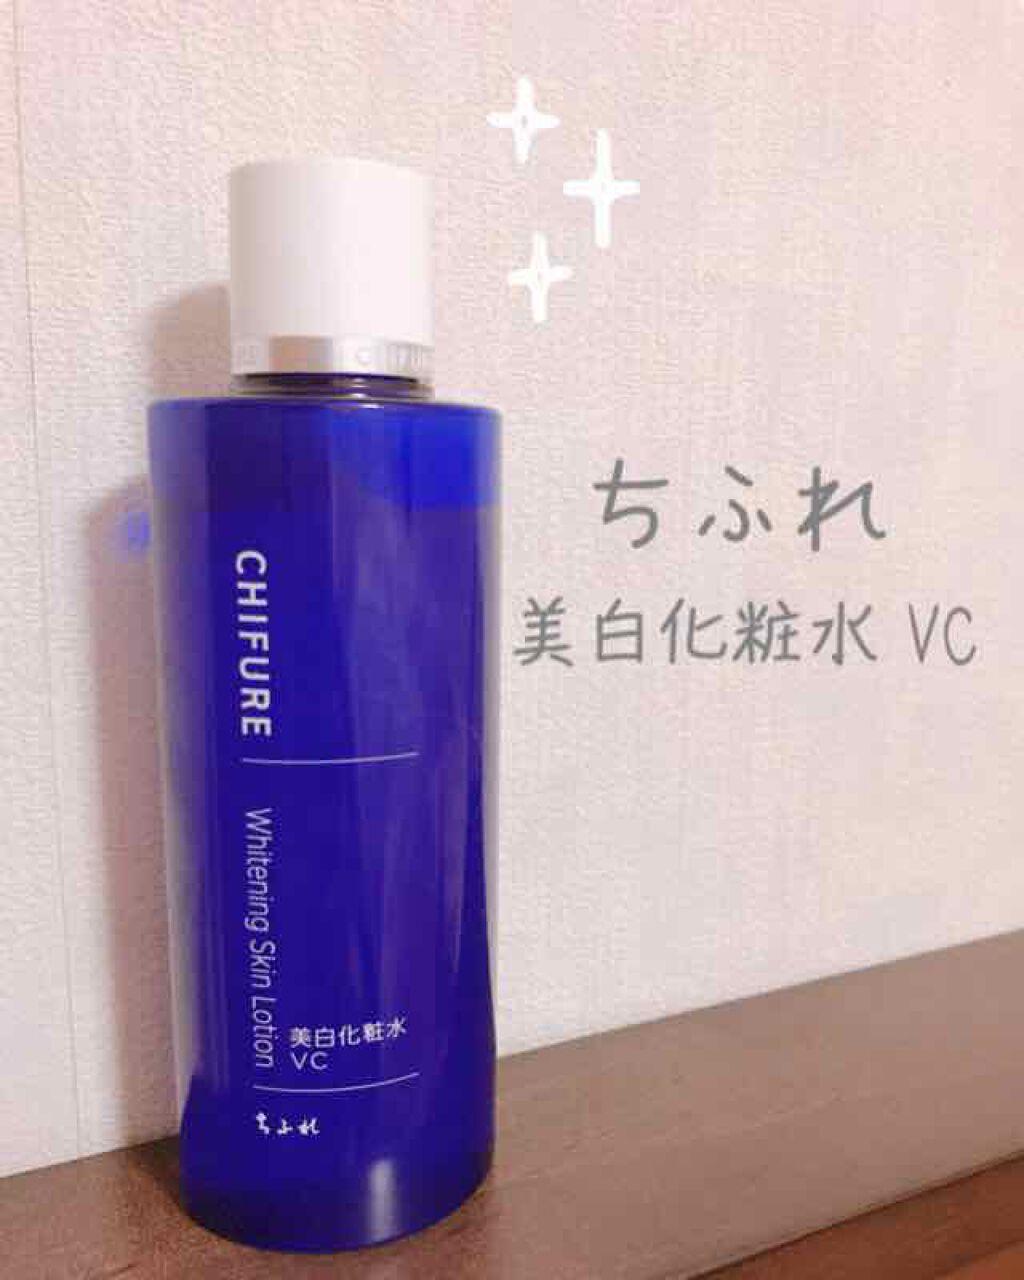 美白化粧水 VC/ちふれ/化粧水 by ERI*